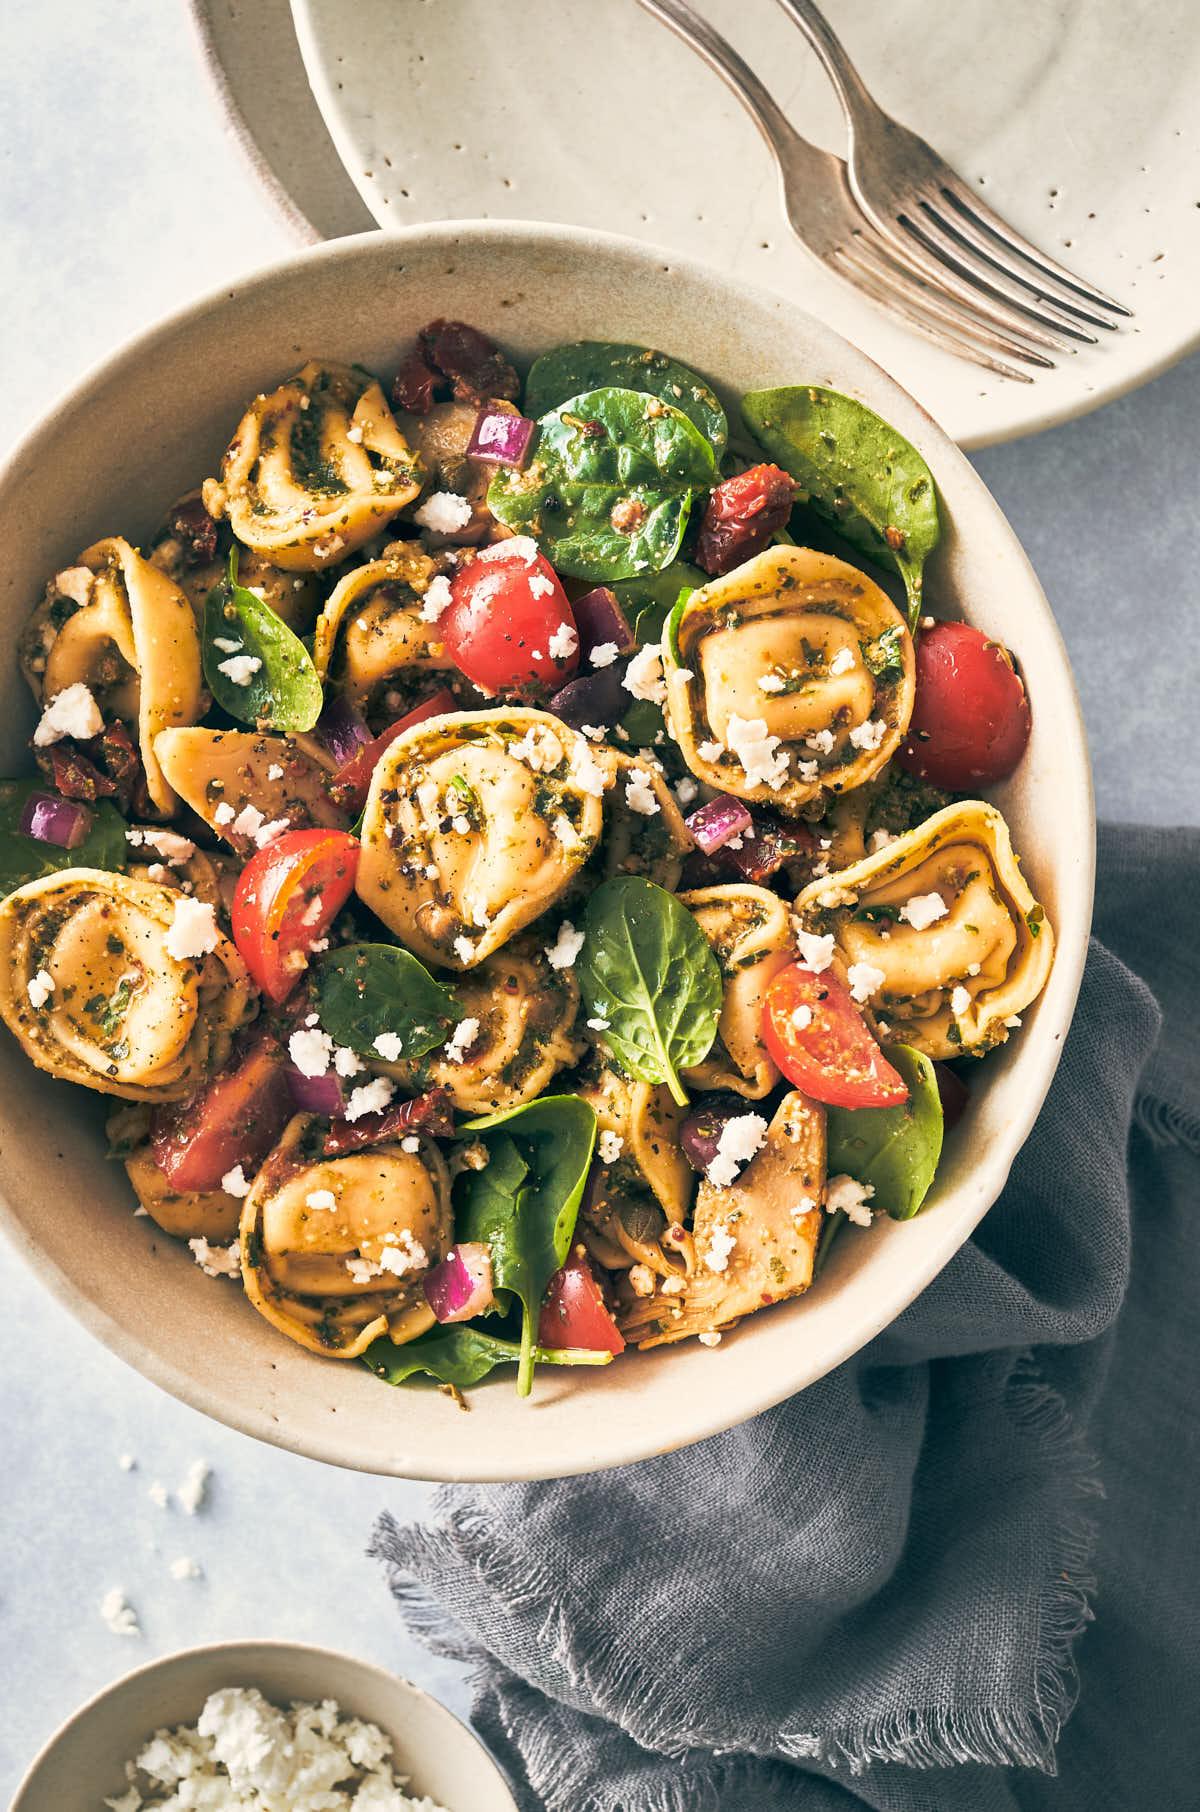 Mediterranean Tortellini with Pesto | Evergreen Kitchen | Vegetarian